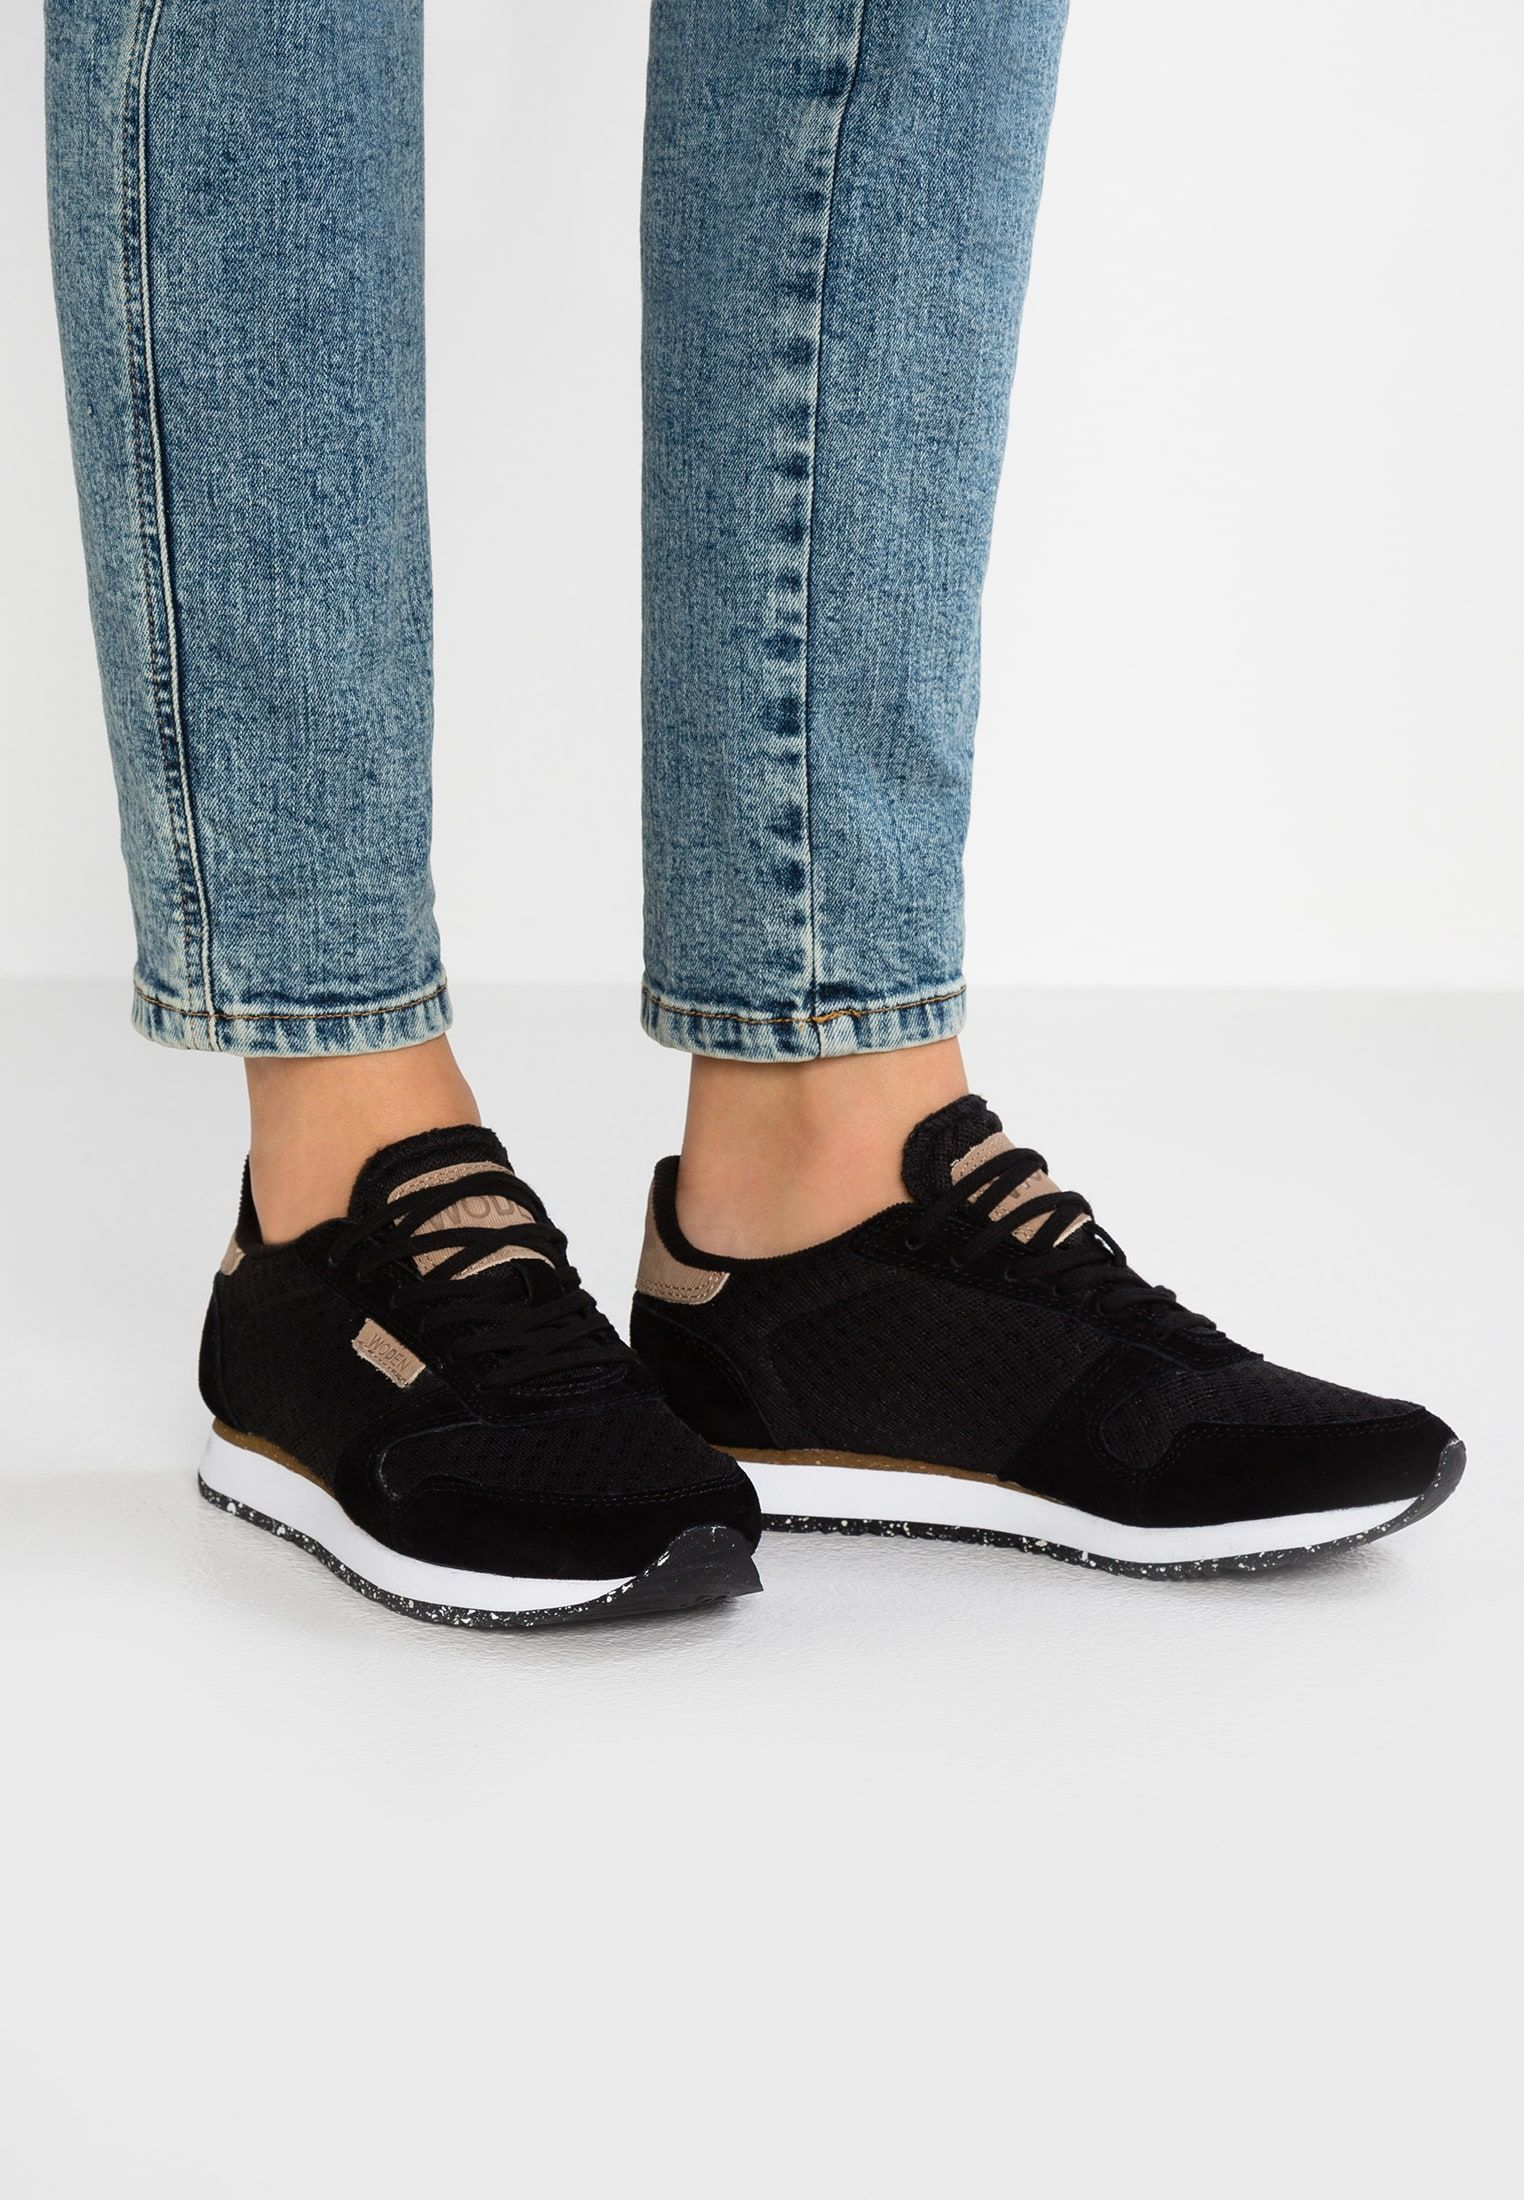 Woden Ydun Suede Mesh Sneakersy Niskie Black Zalando Pl Sneakers Black Sneakers Suede